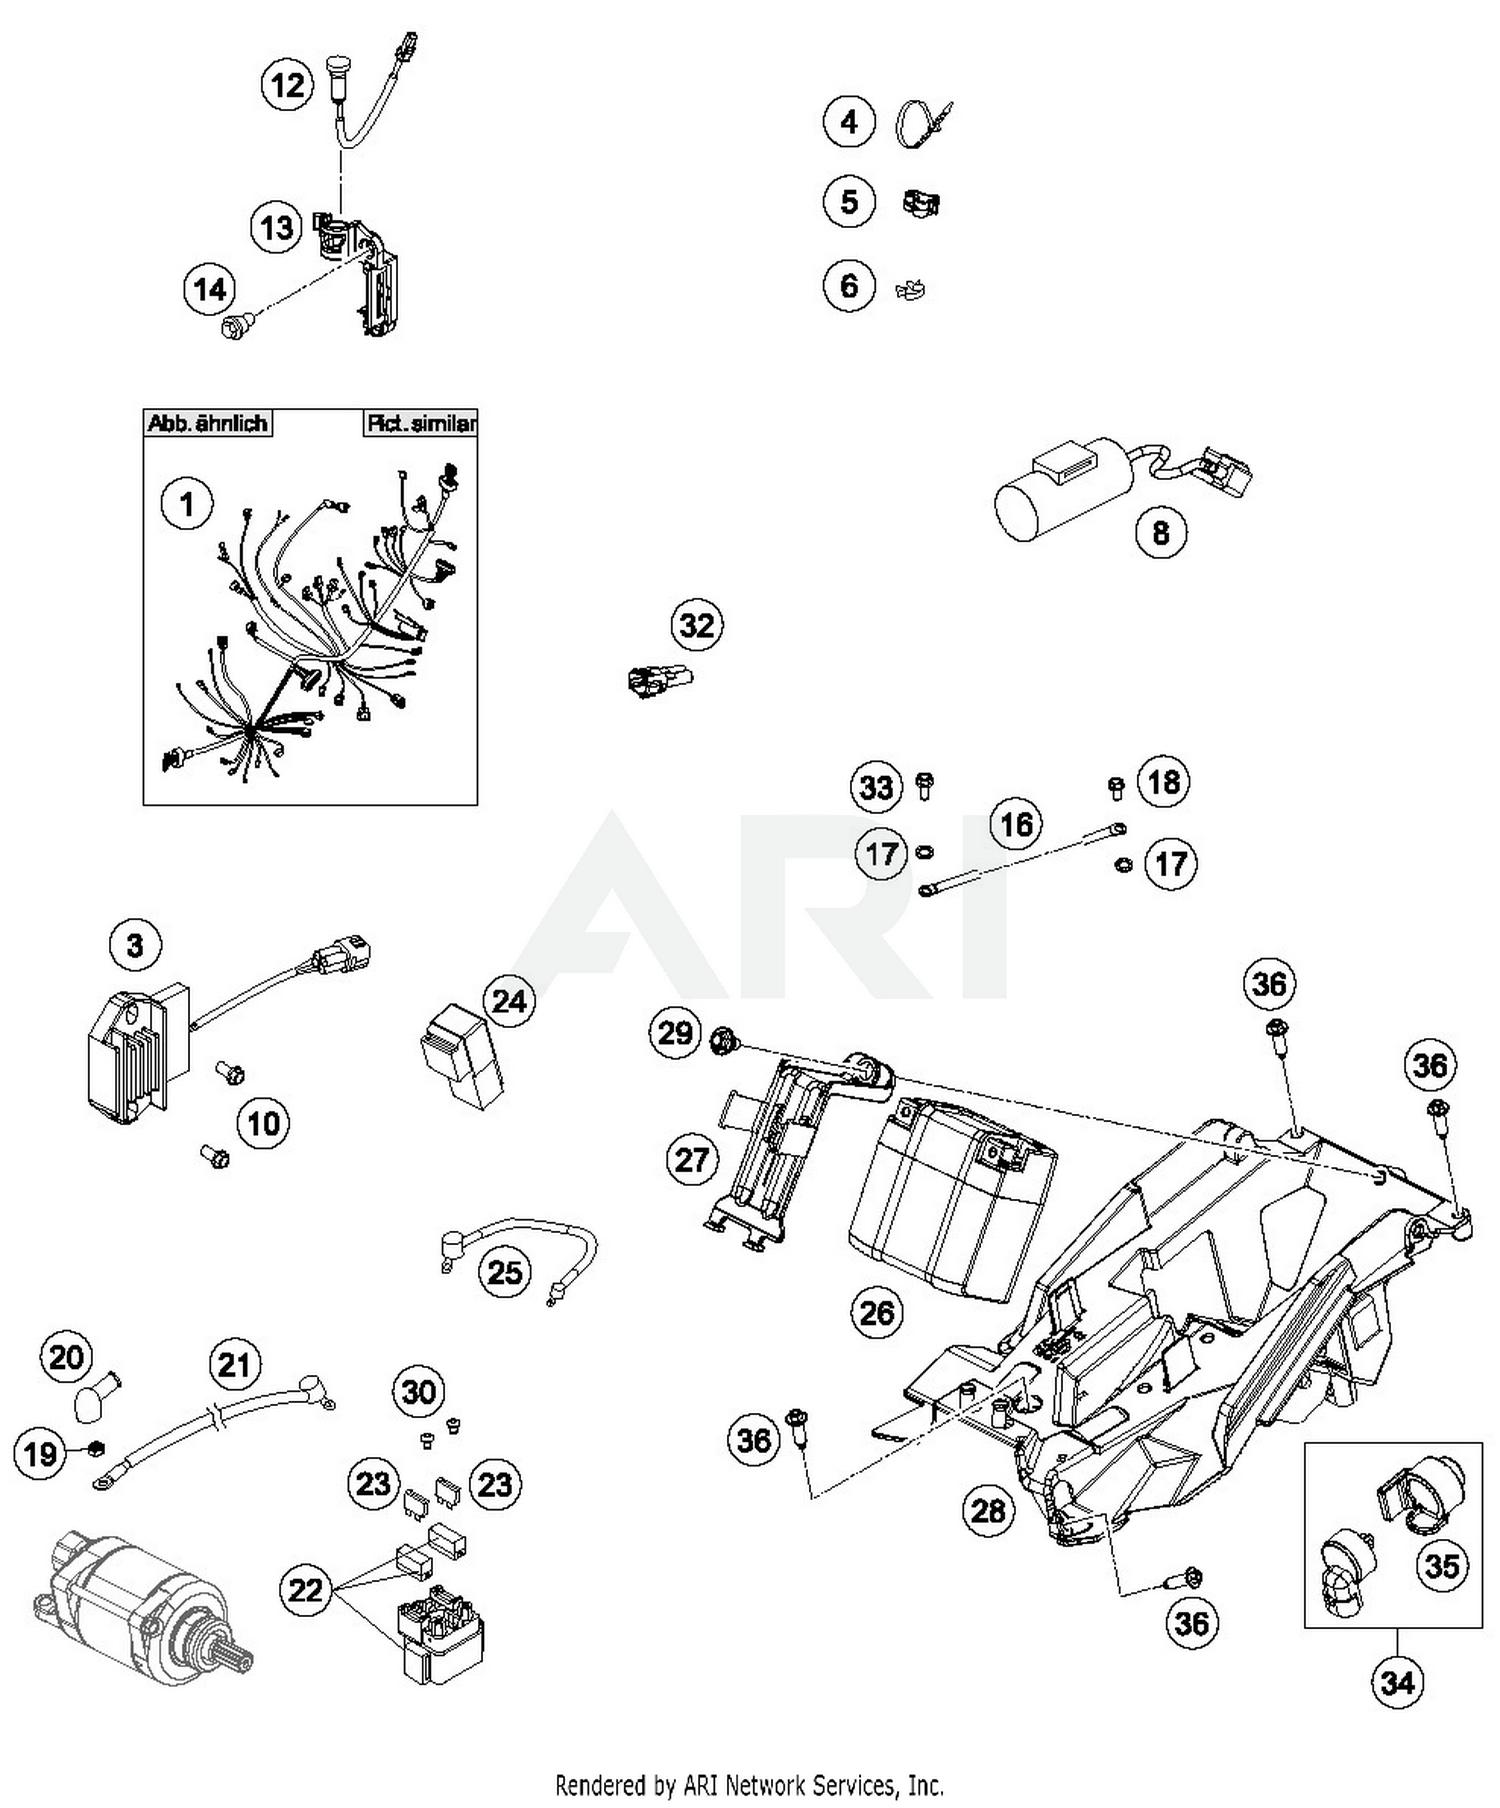 ktm headlight wiring diagram ktm 450 wiring diagram e2 wiring diagram  ktm 450 wiring diagram e2 wiring diagram